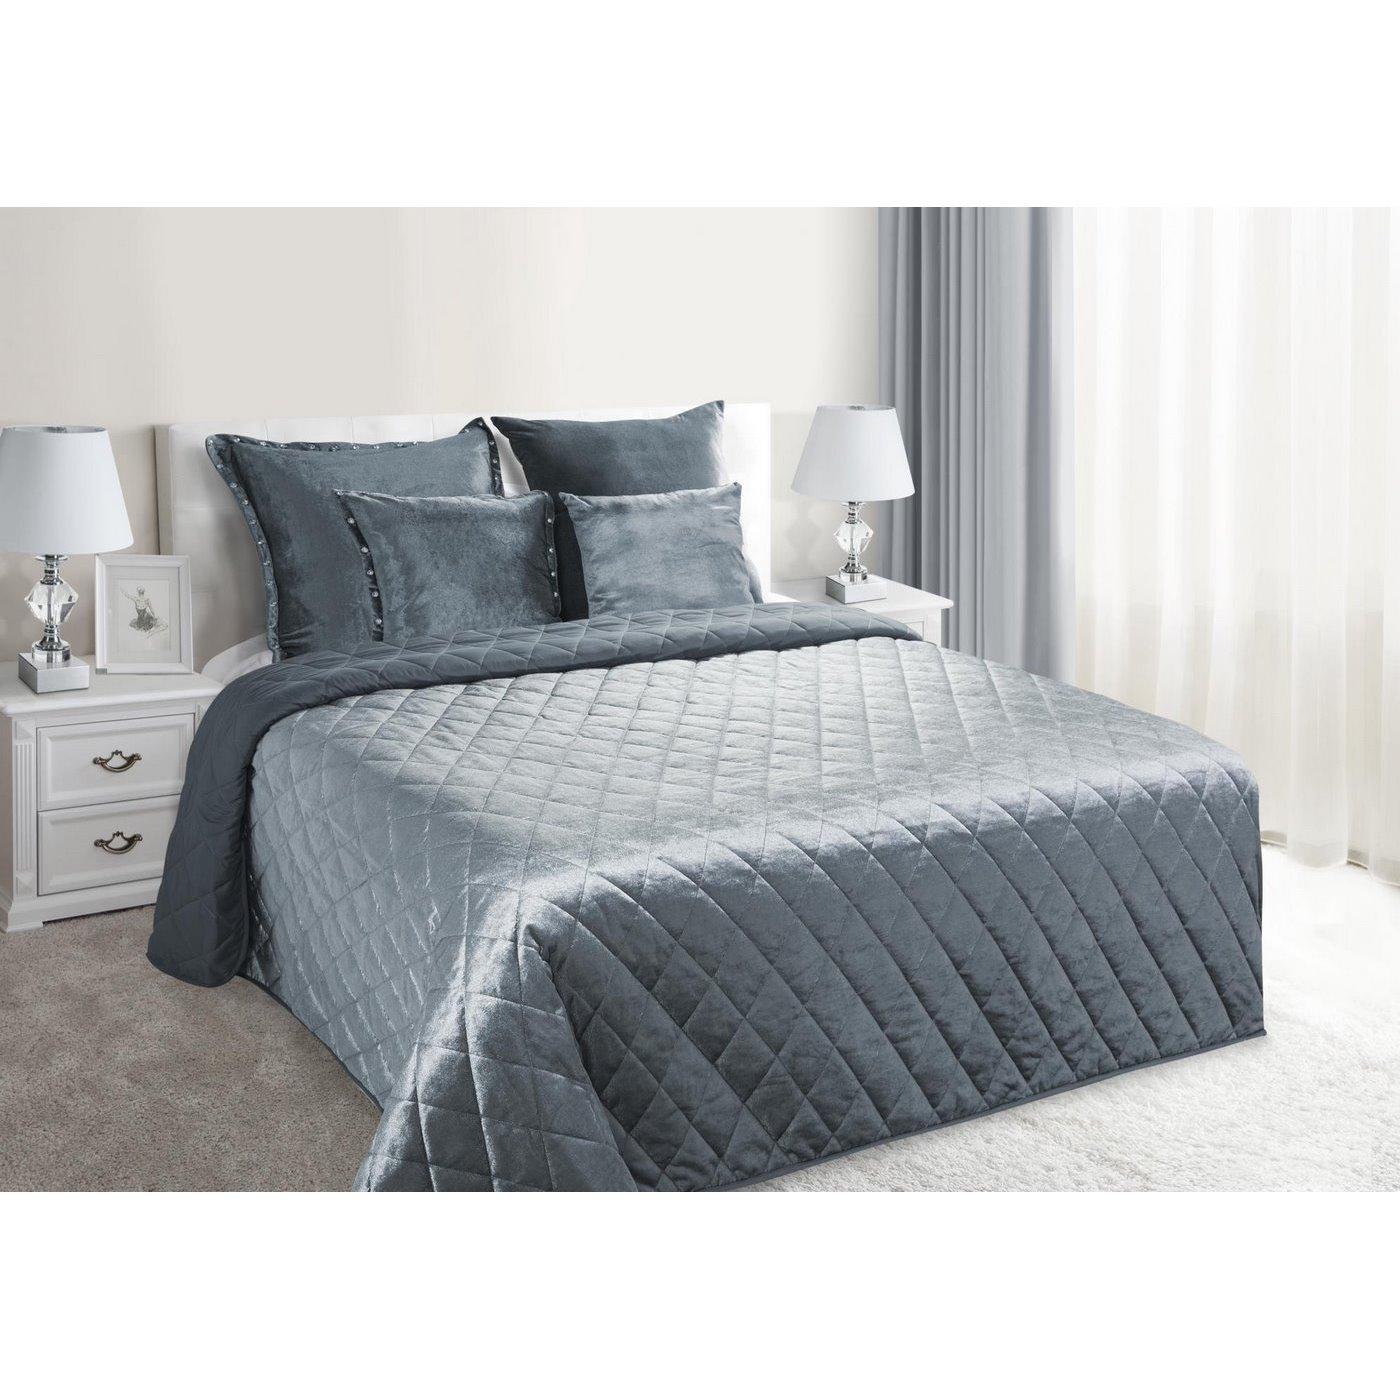 Narzuta na łóżko welwetowa pikowana 200x220 cm stalowa